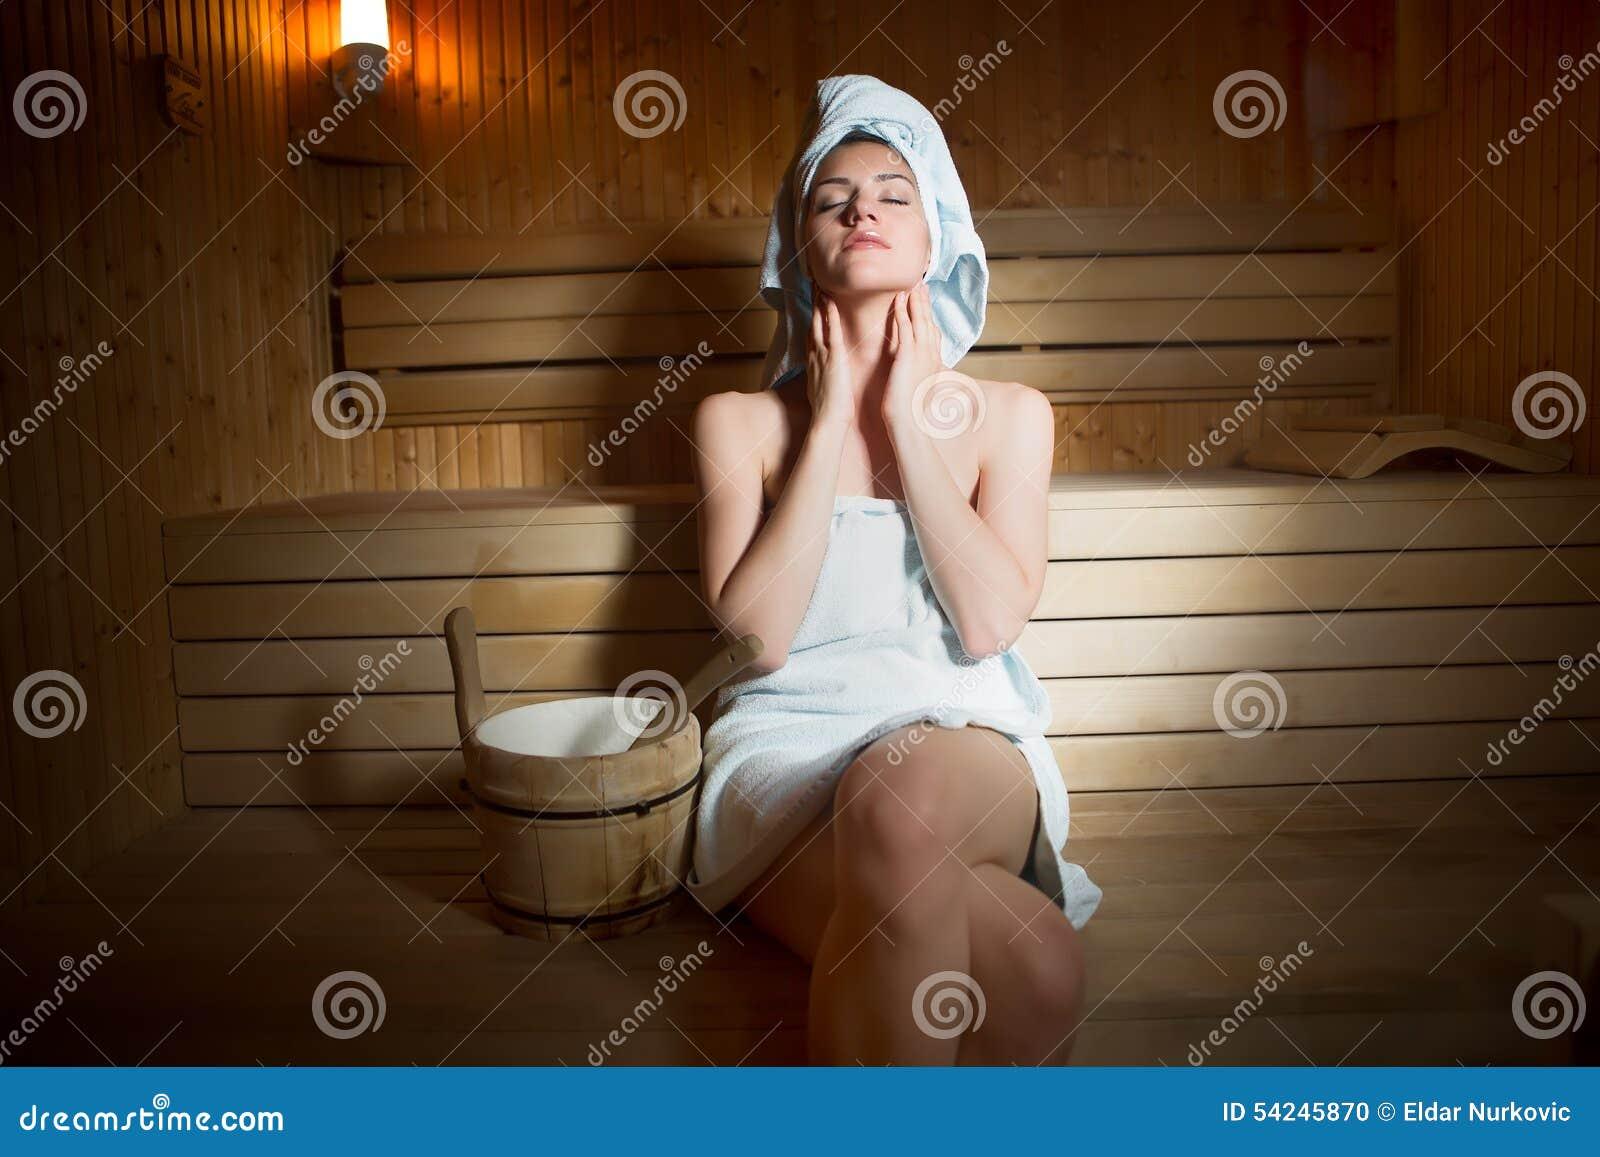 Спят в бане, Сонник Спать в бане видеть. К чему снится Спать в бане 28 фотография